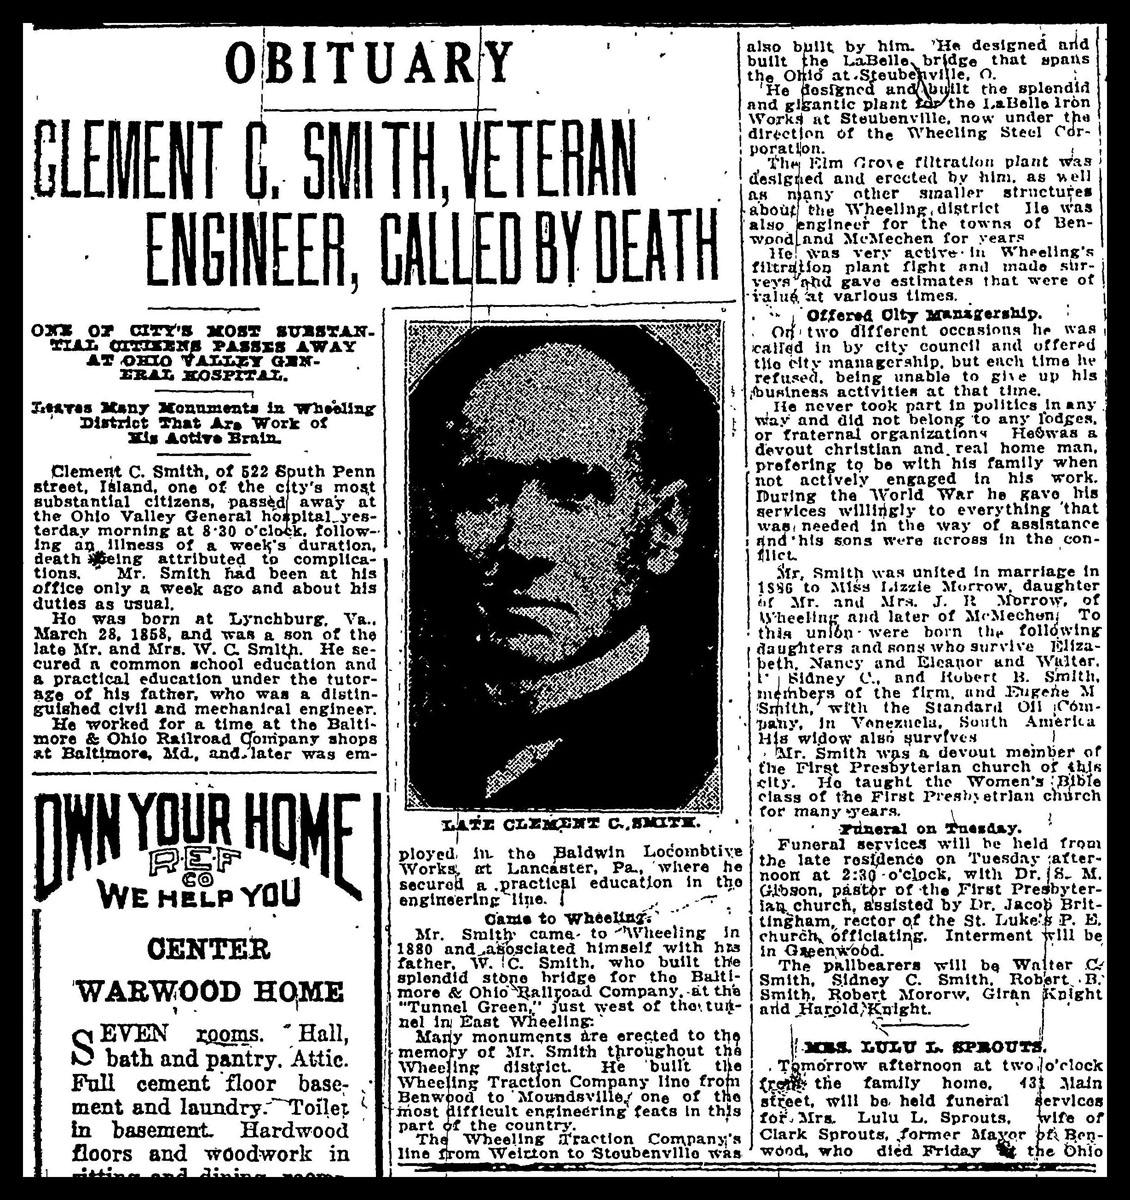 C.C. Smith obituary, Wheeling Intelligencer, May 24, 1924, p. 12